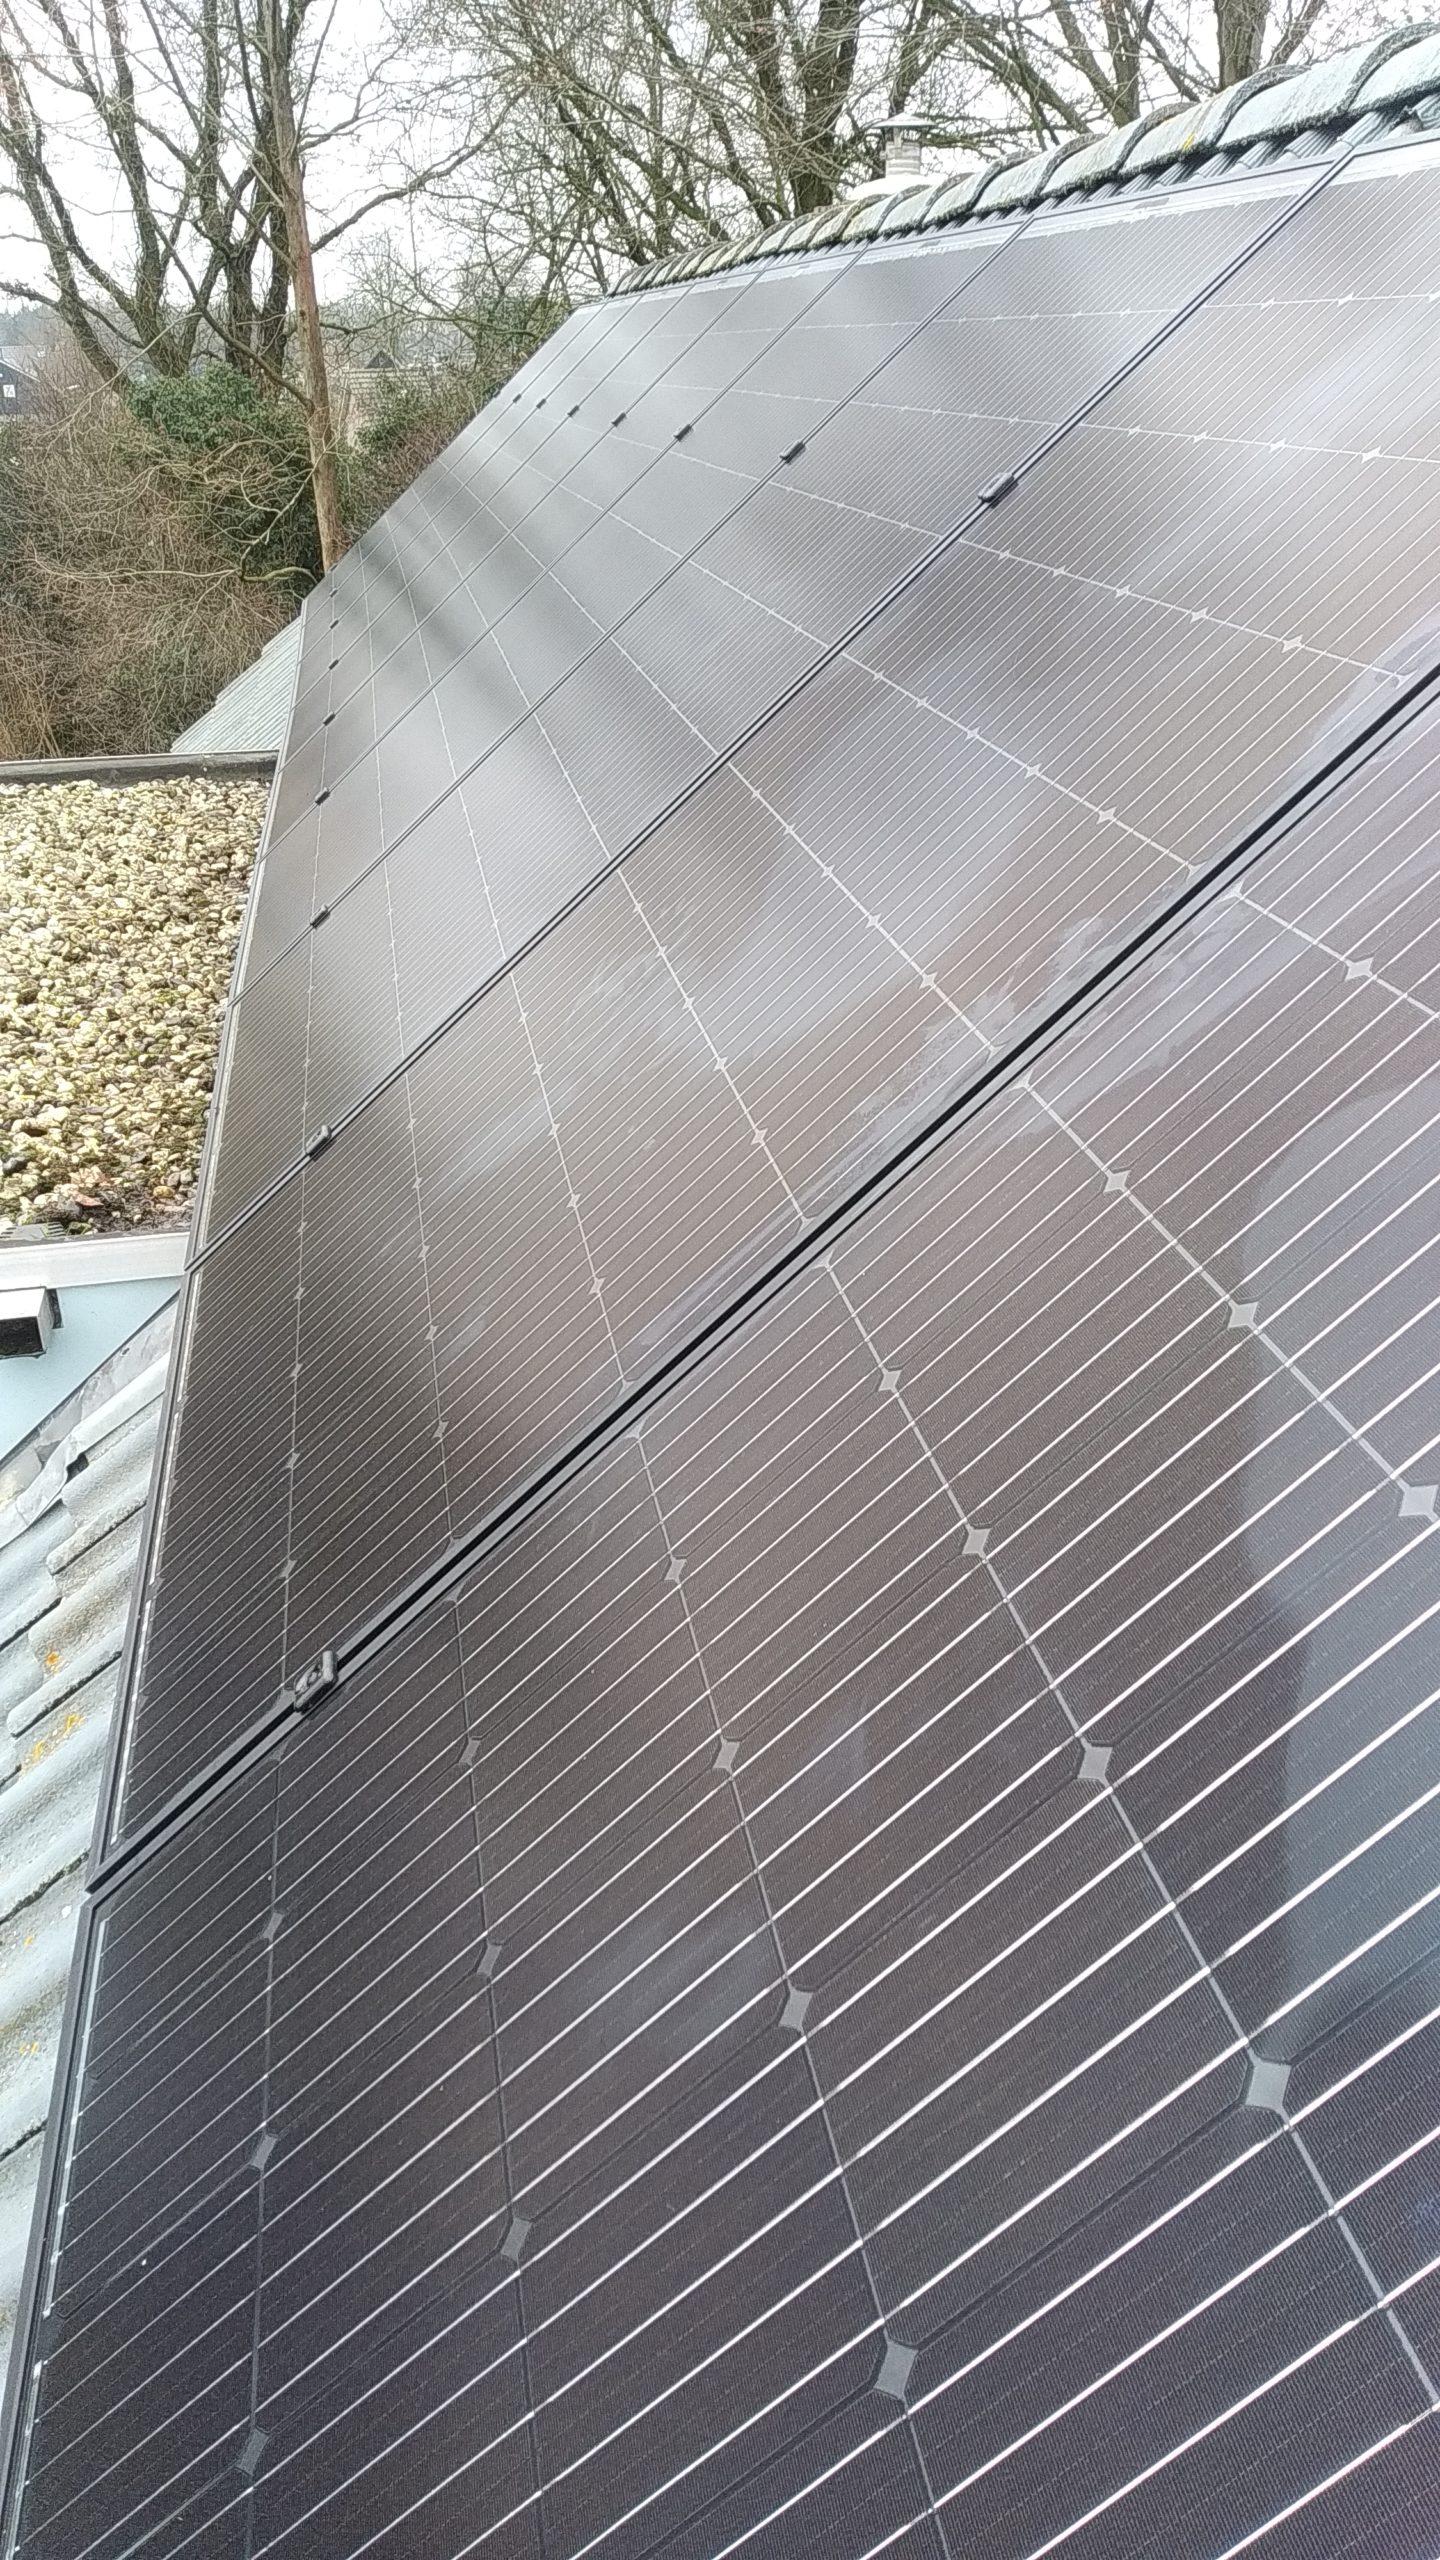 Solarwatt glas glas zonnepanelen Pesse